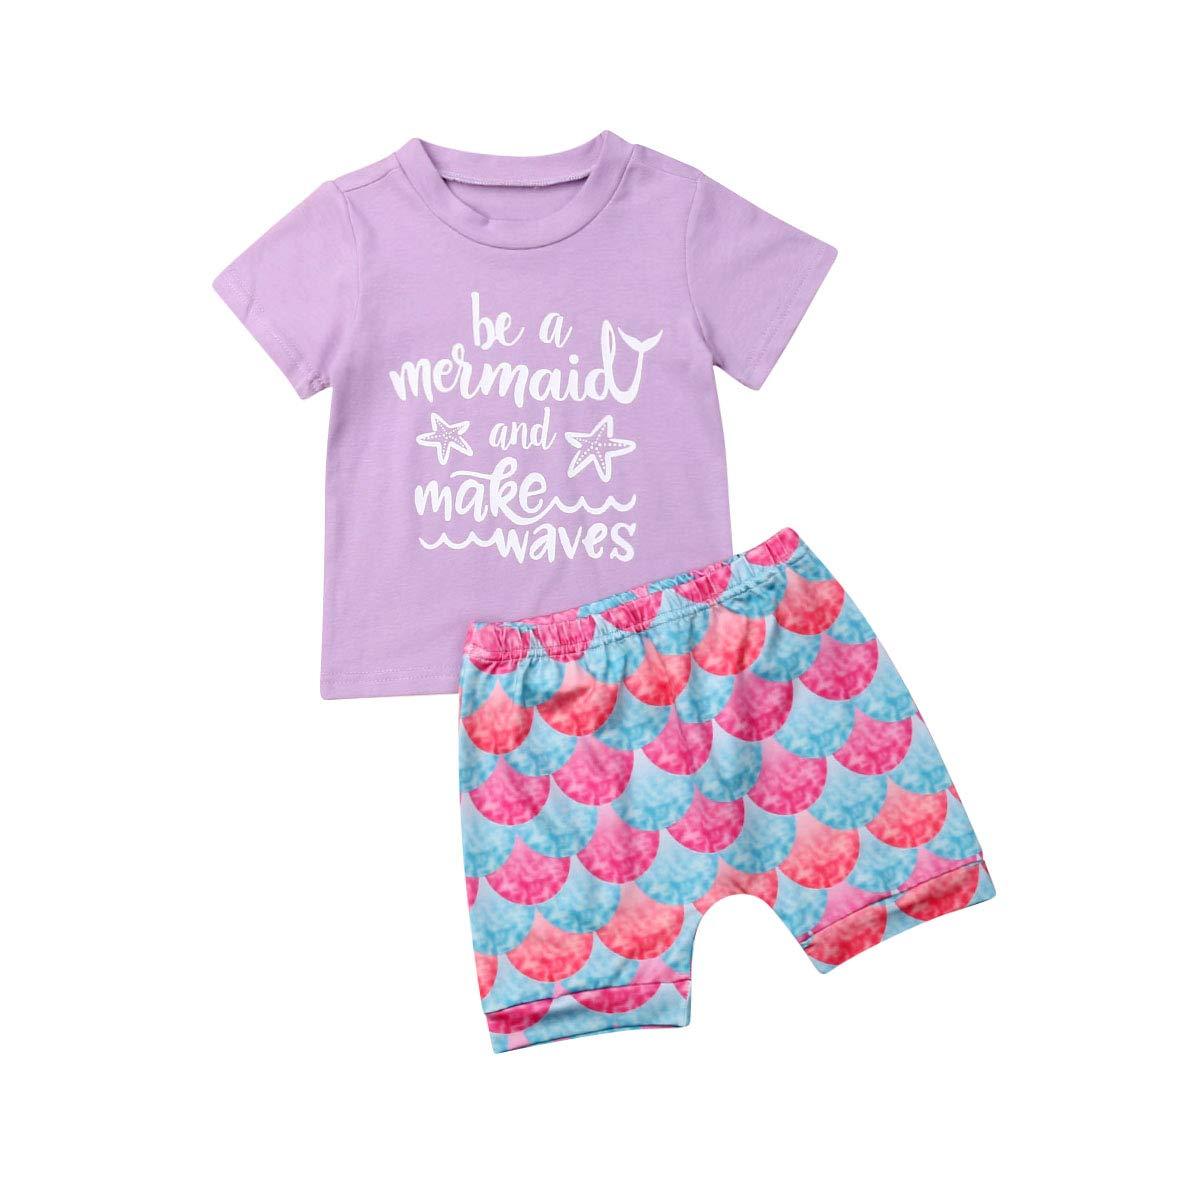 Loose Shorts Pants Summer 2Pcs Outfits Set Molibays Toddler Baby Girls Mermaid Short Sleeve Tops T-Shirt